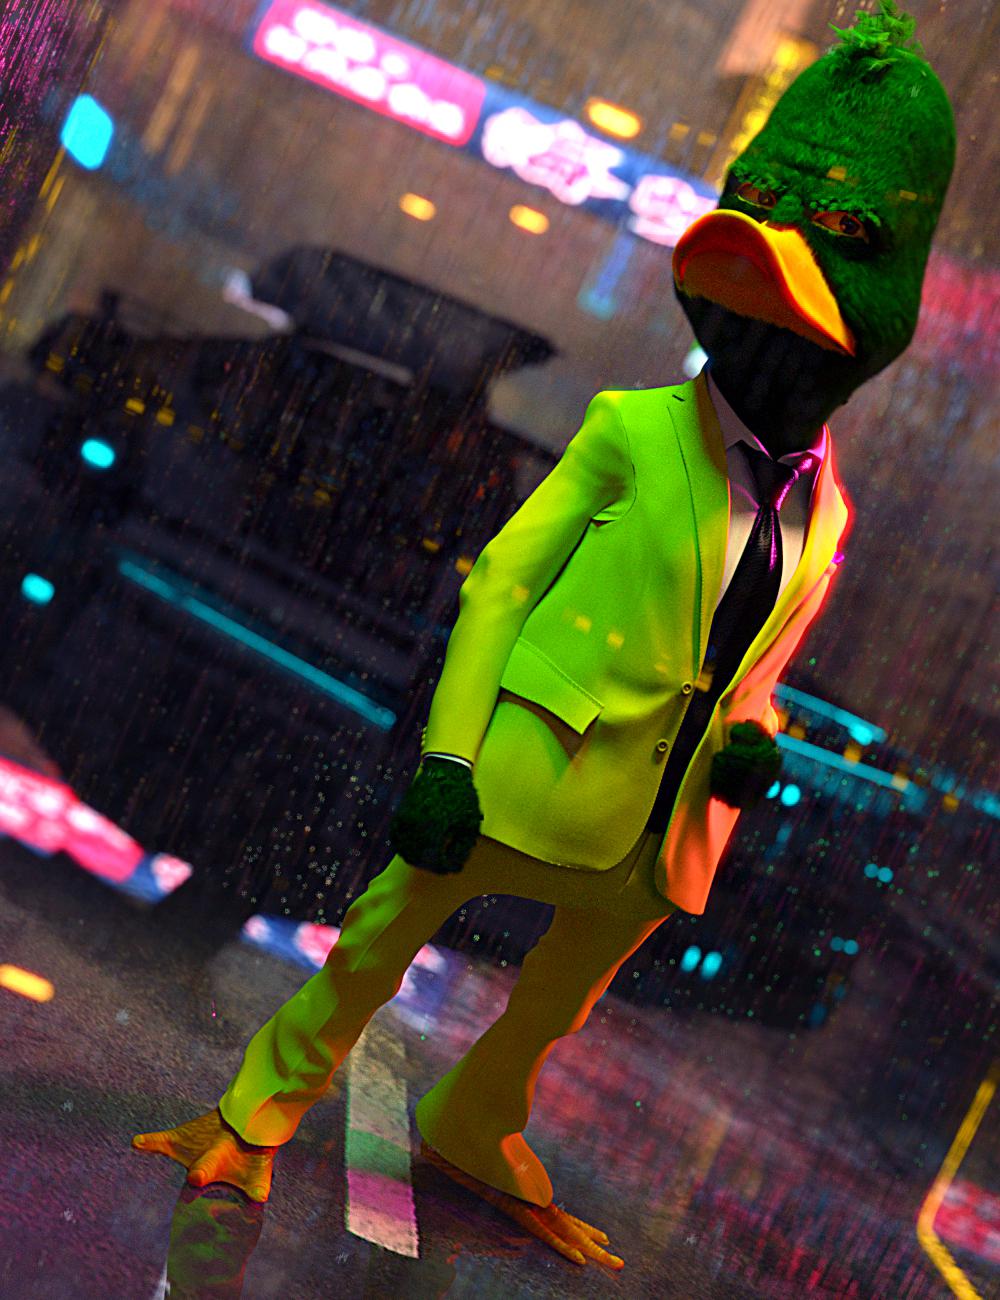 Modern Duckie for Genesis 8 Male by: JoeQuick, 3D Models by Daz 3D